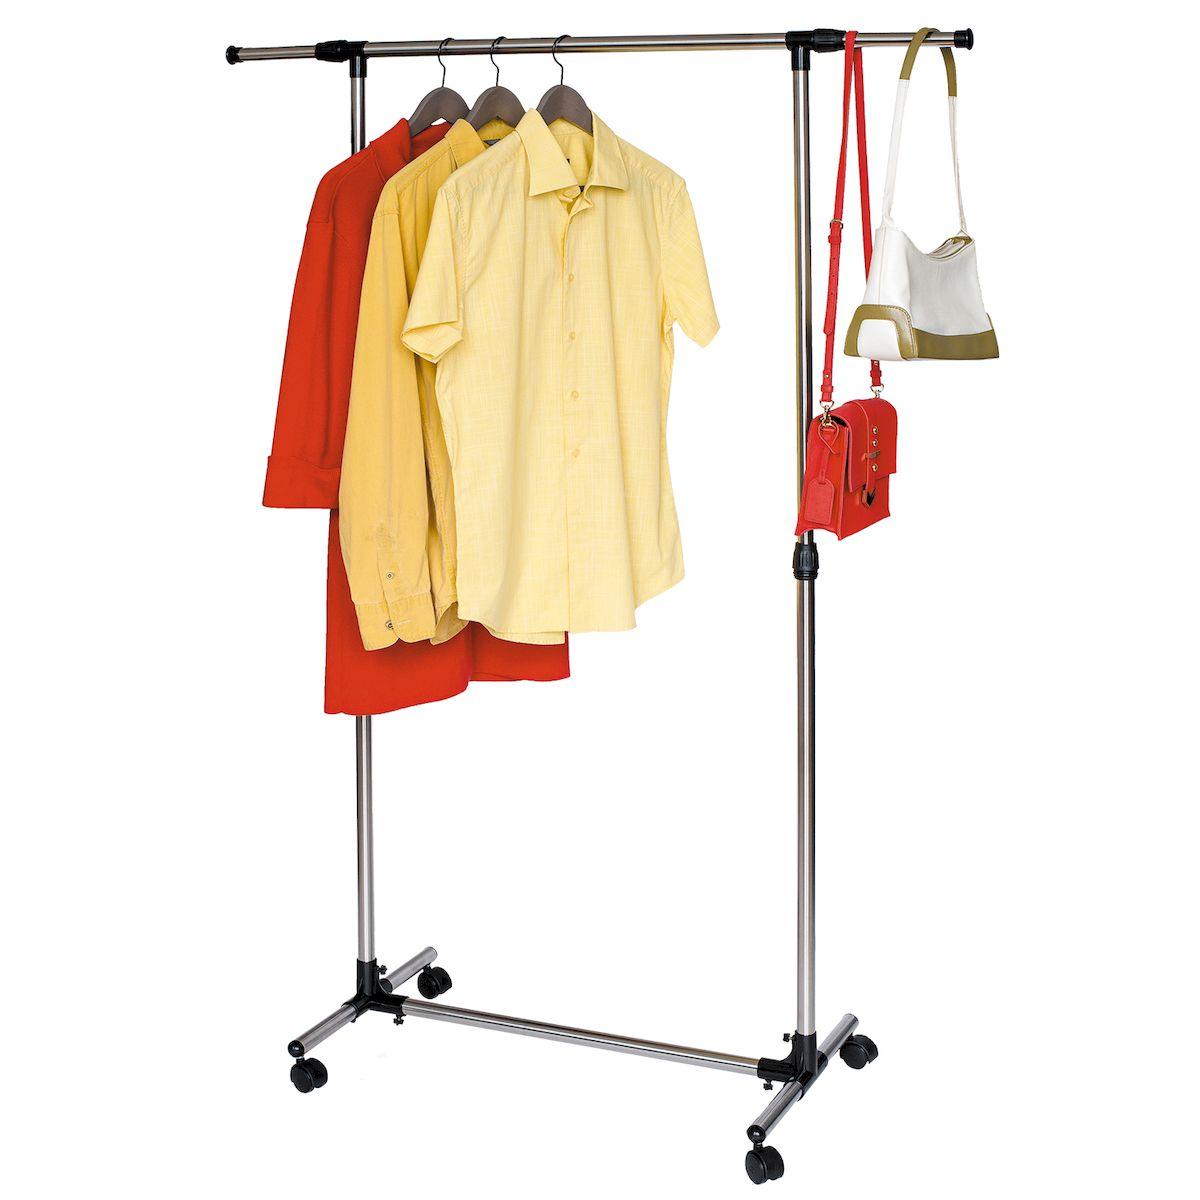 Стойка для одежды Tatkraft PEGASUS, с усиленной базой, боковые телескопические штанги16101Улучшение, сильное основание, трубы из нержавеющей стали и армированного пластика, соединители с винтовой фиксацией. - Прочная конструкция и качественные материалы: идеальная вешалка для одежды для дома или офиса. - Попробуйте эту приятные глазу современные мобильные вешалки, а не большой и громоздкий шкаф для одежды. - Регулируемая высота плюс телескопическая боковые полосы от 84 до 136 см - Быстрая и легкая сборка - Размер: 84–136(Ш)х45(Г)х90–158(В)см. - Материал: нержавеющая сталь, пластик. - Выдерживает вес 15 кг, для 25 вешалок, сумммарная длинна для вывешивания 1,3м.